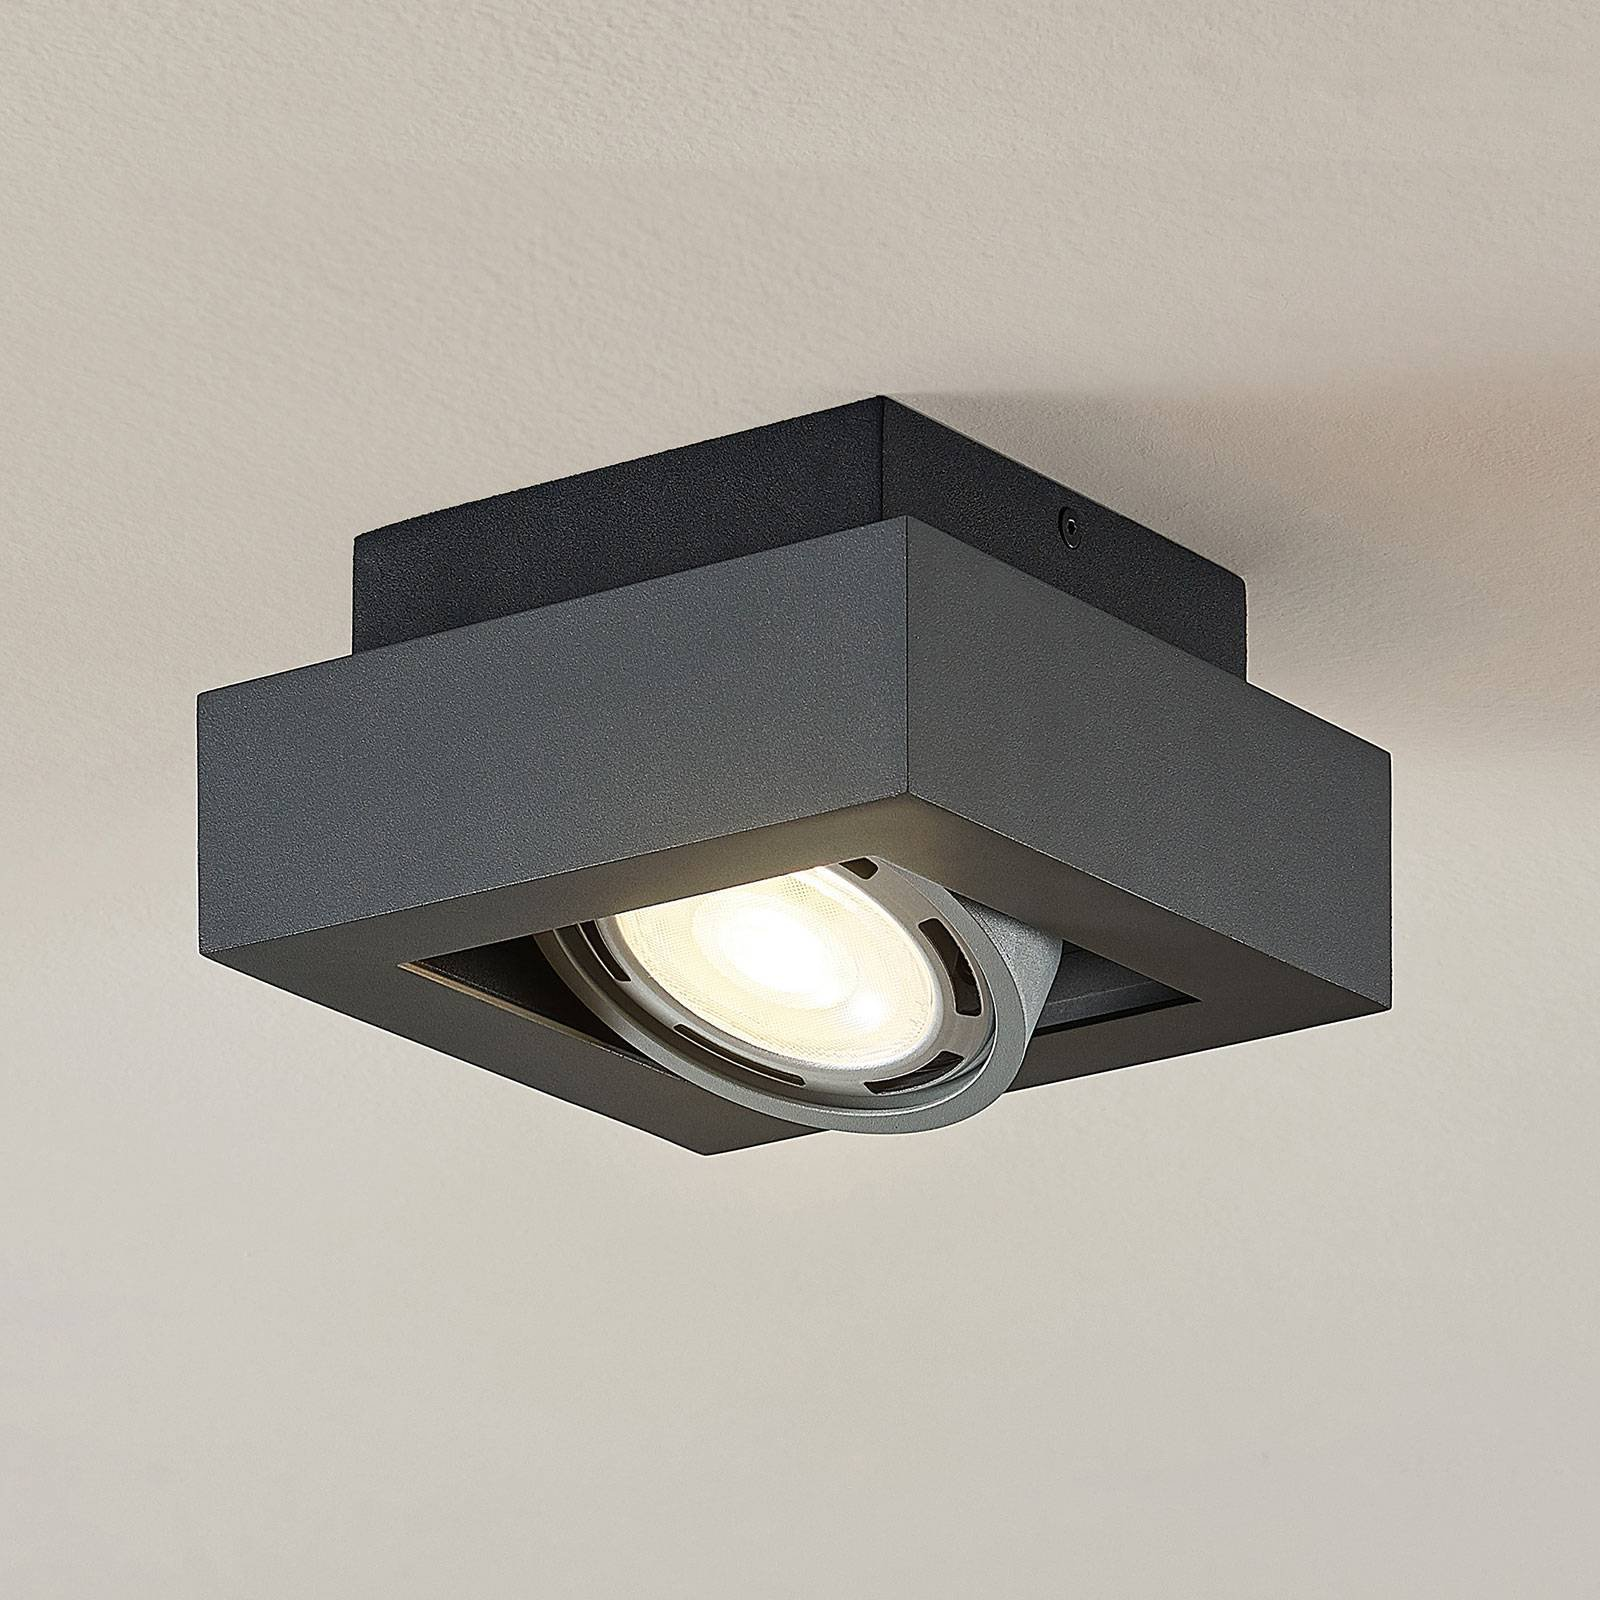 LED-takspot Ronka, GU10, 1 lyskilde, mørkegrå